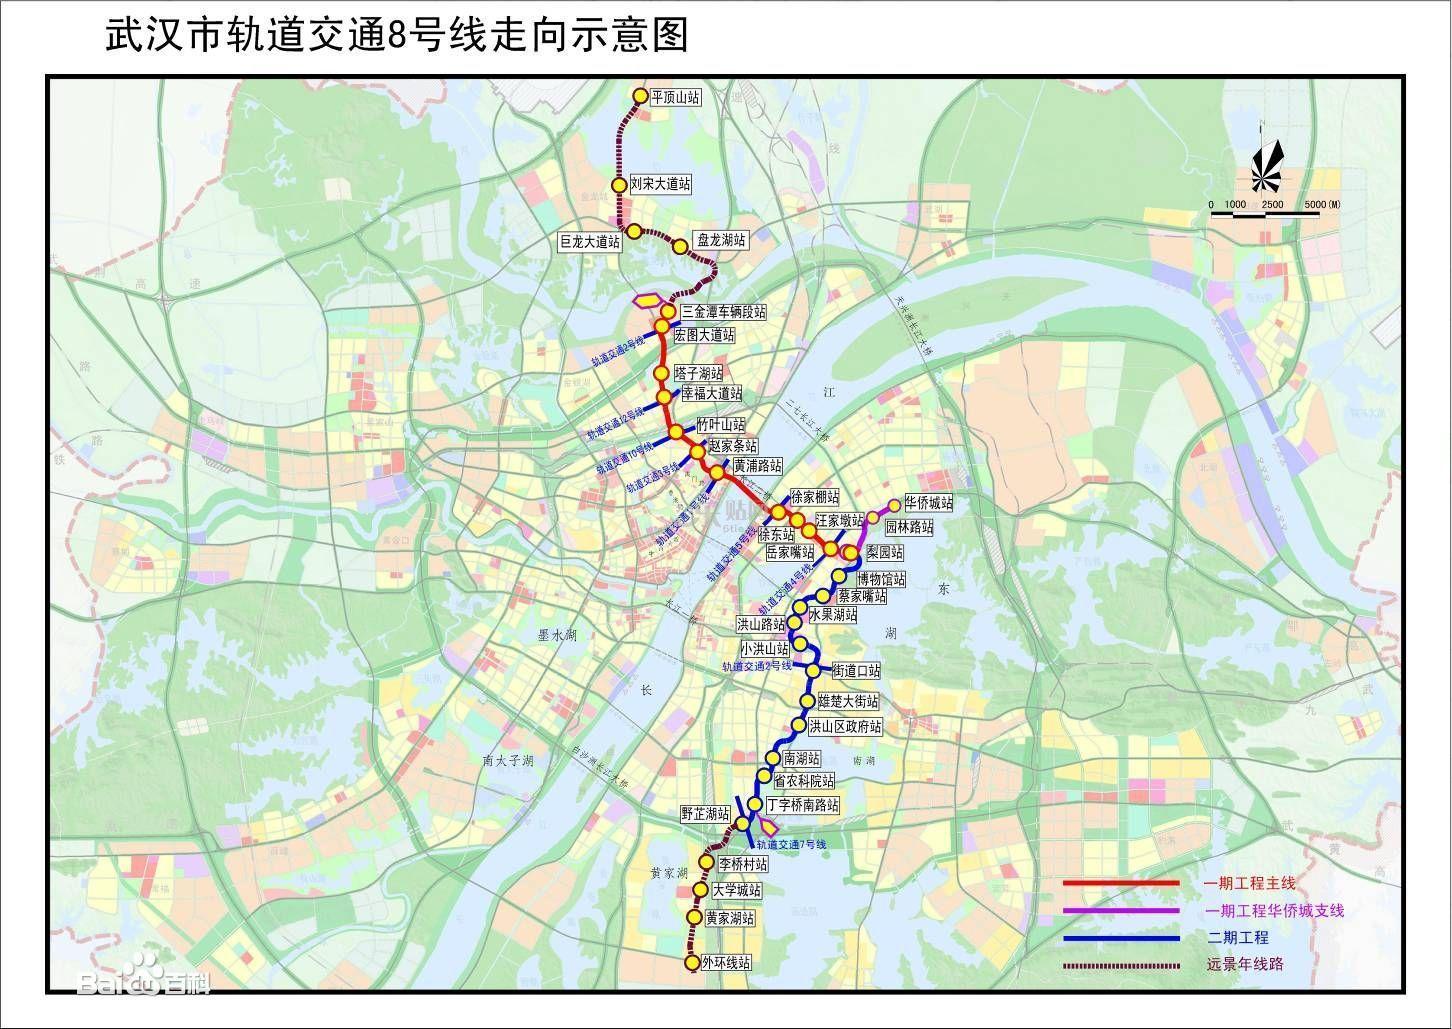 武汉地铁8号线站点_武汉居民要求增加地铁8号线站点专家表示不合